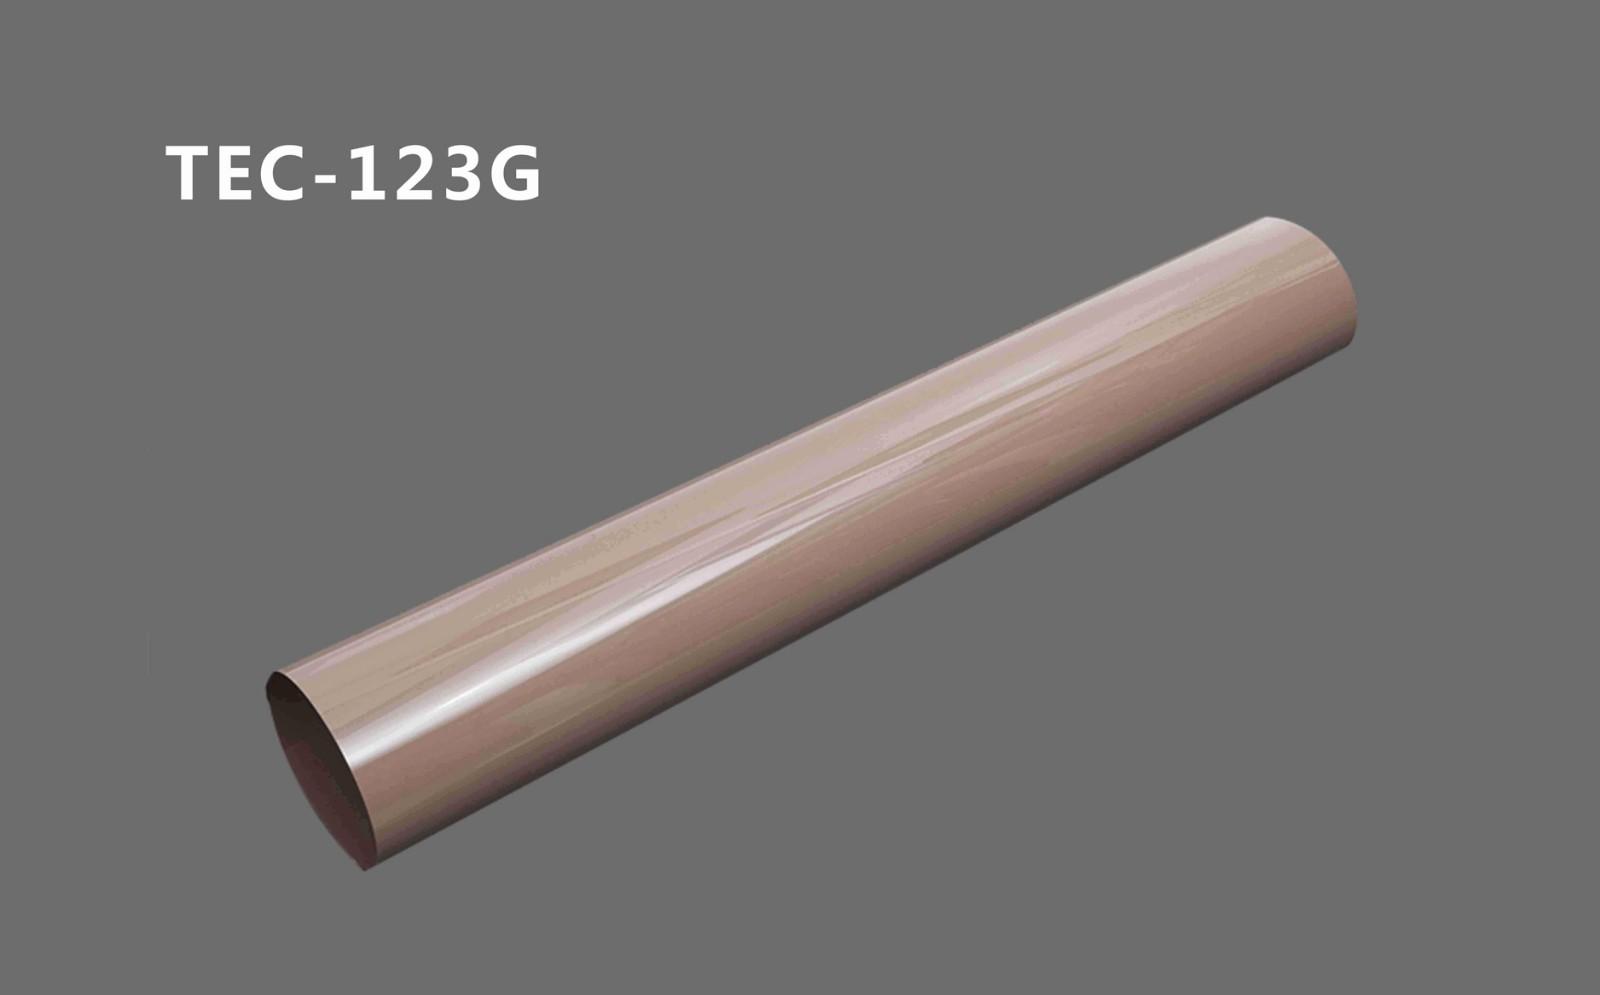 TEC-123G